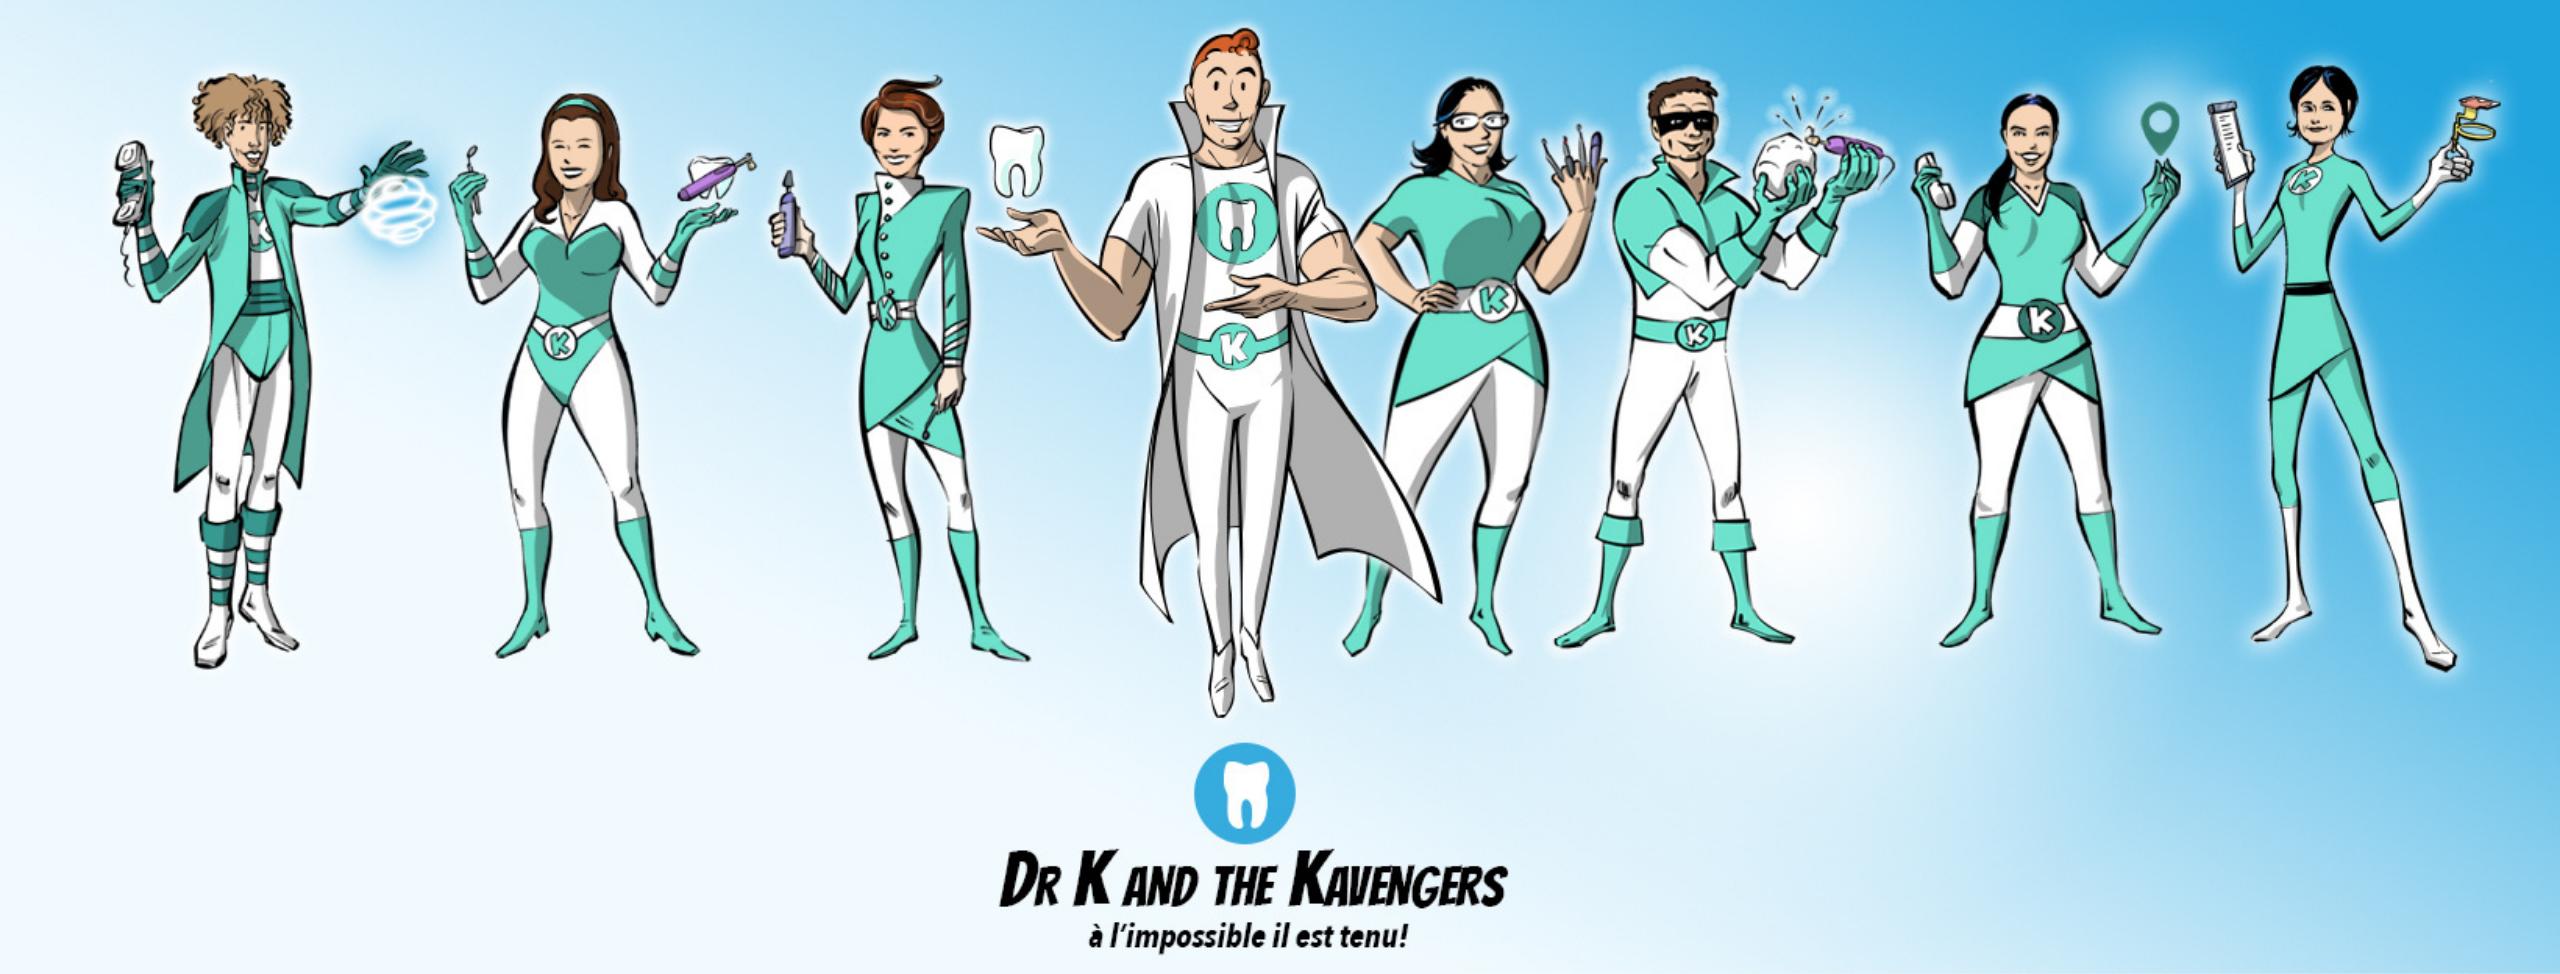 Dr K & kavengers bon dentiste